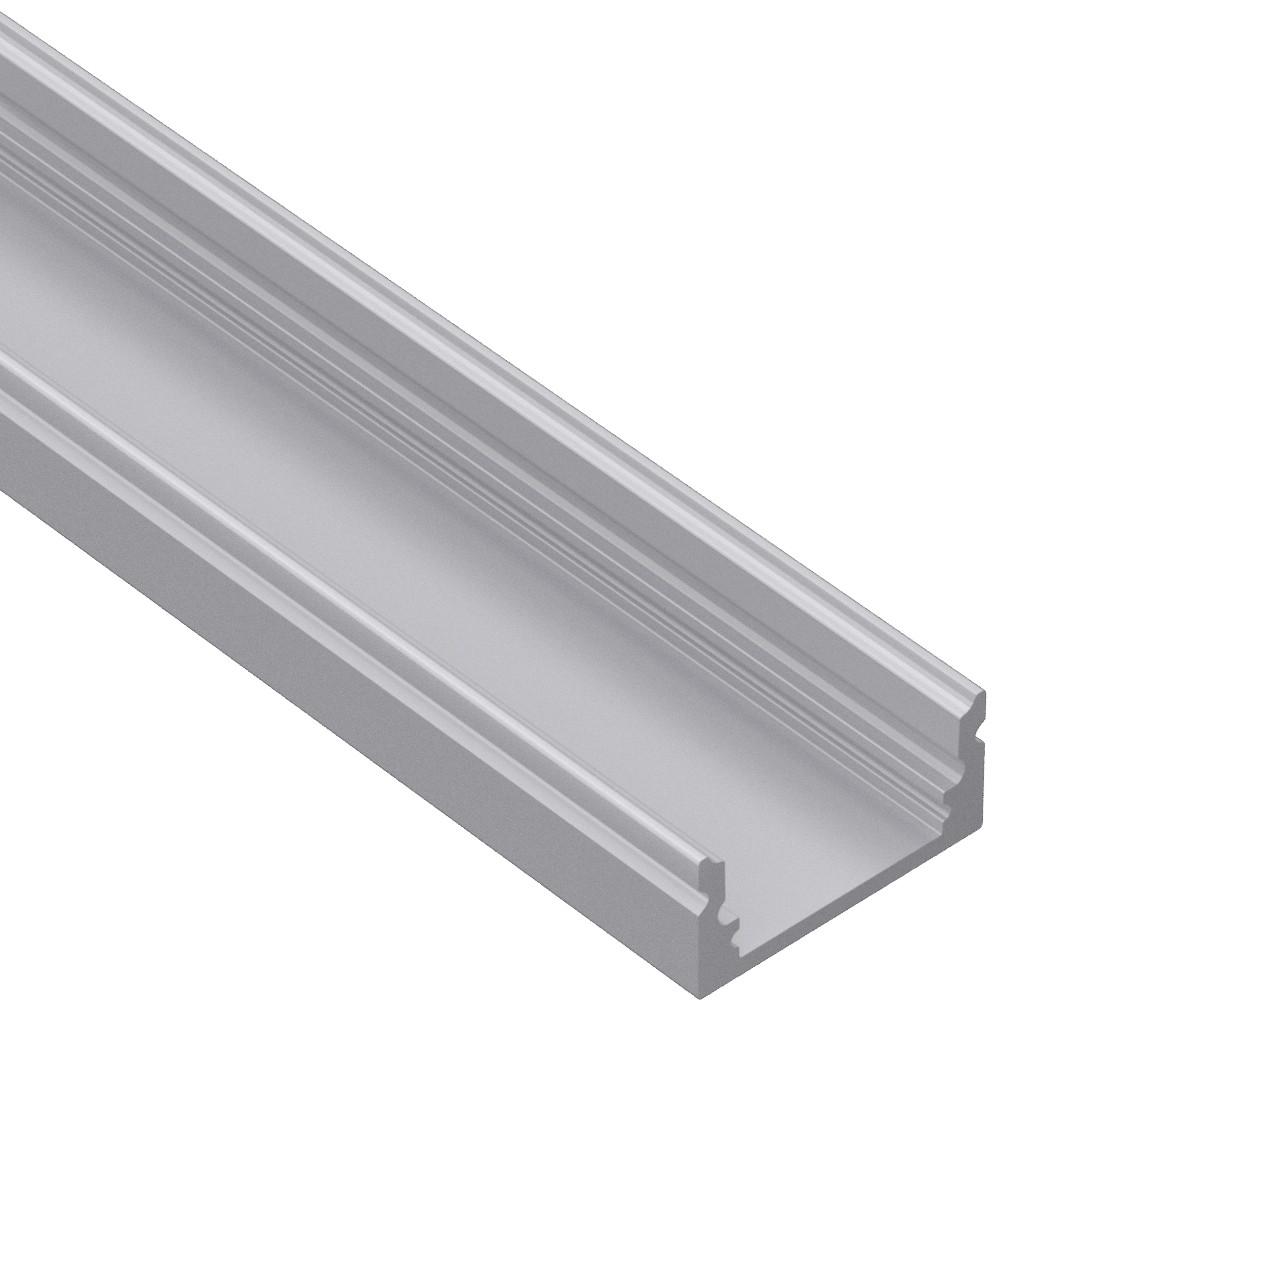 AL60 60˚ lensed / Optik LED profil til LED Strip 13.5x17mm